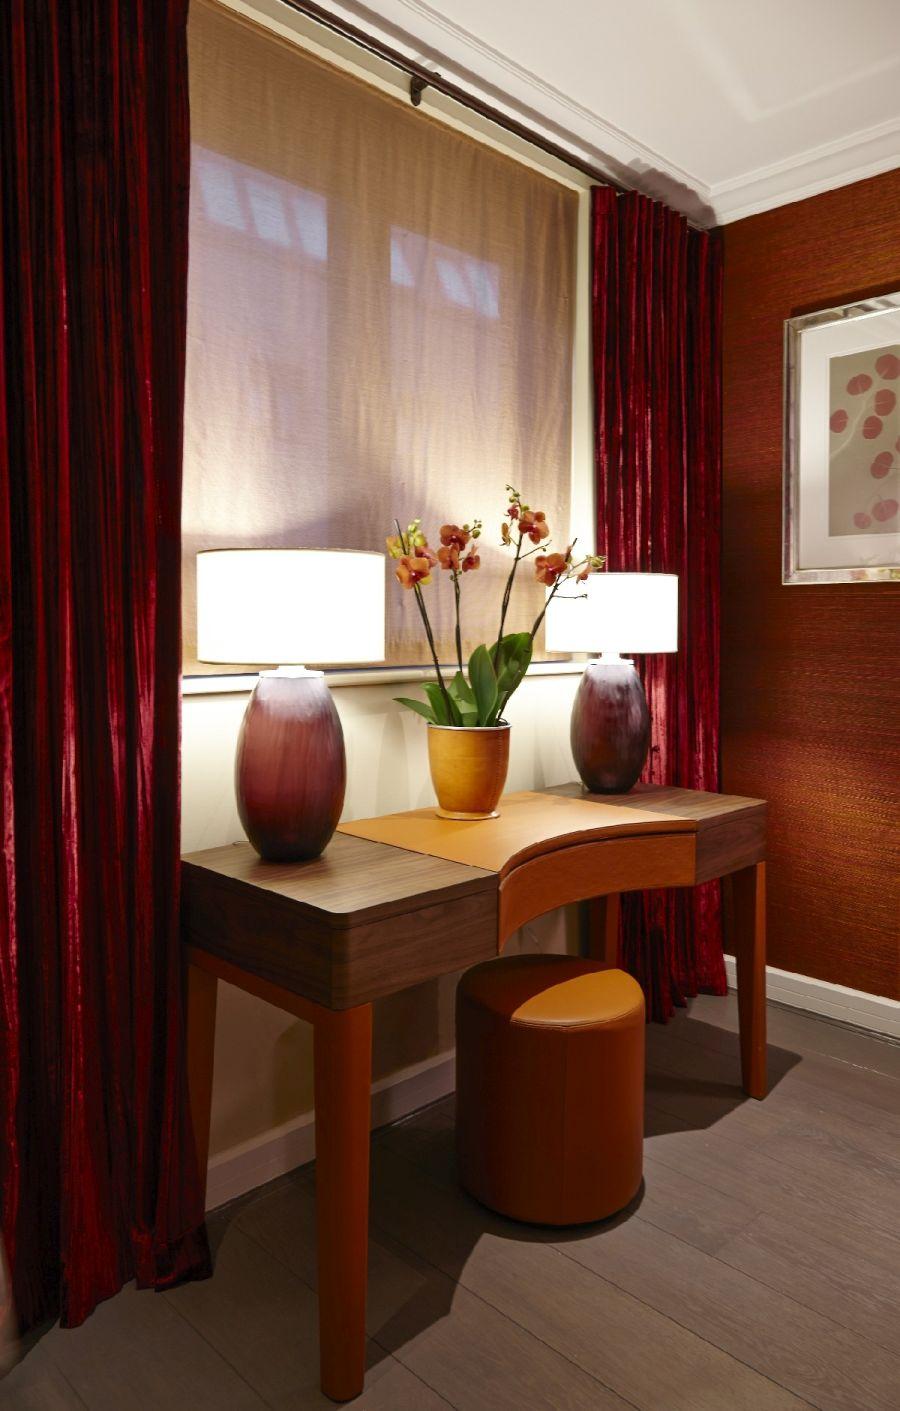 120 кв. м луксозен апартамент в Лондон_8